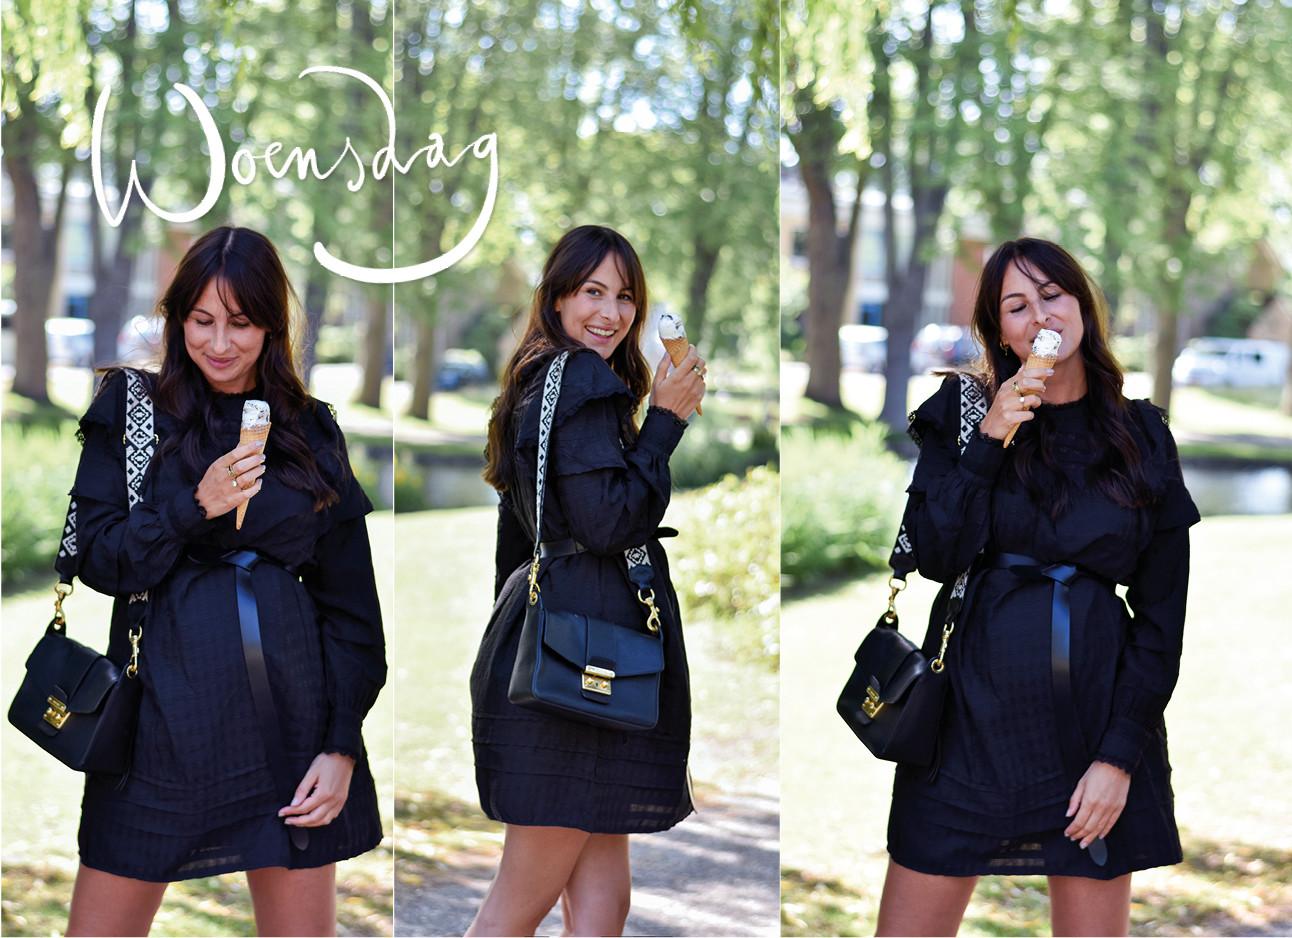 Lilian brijl lachend op straat met een zwart jurkje aan en een ijsje